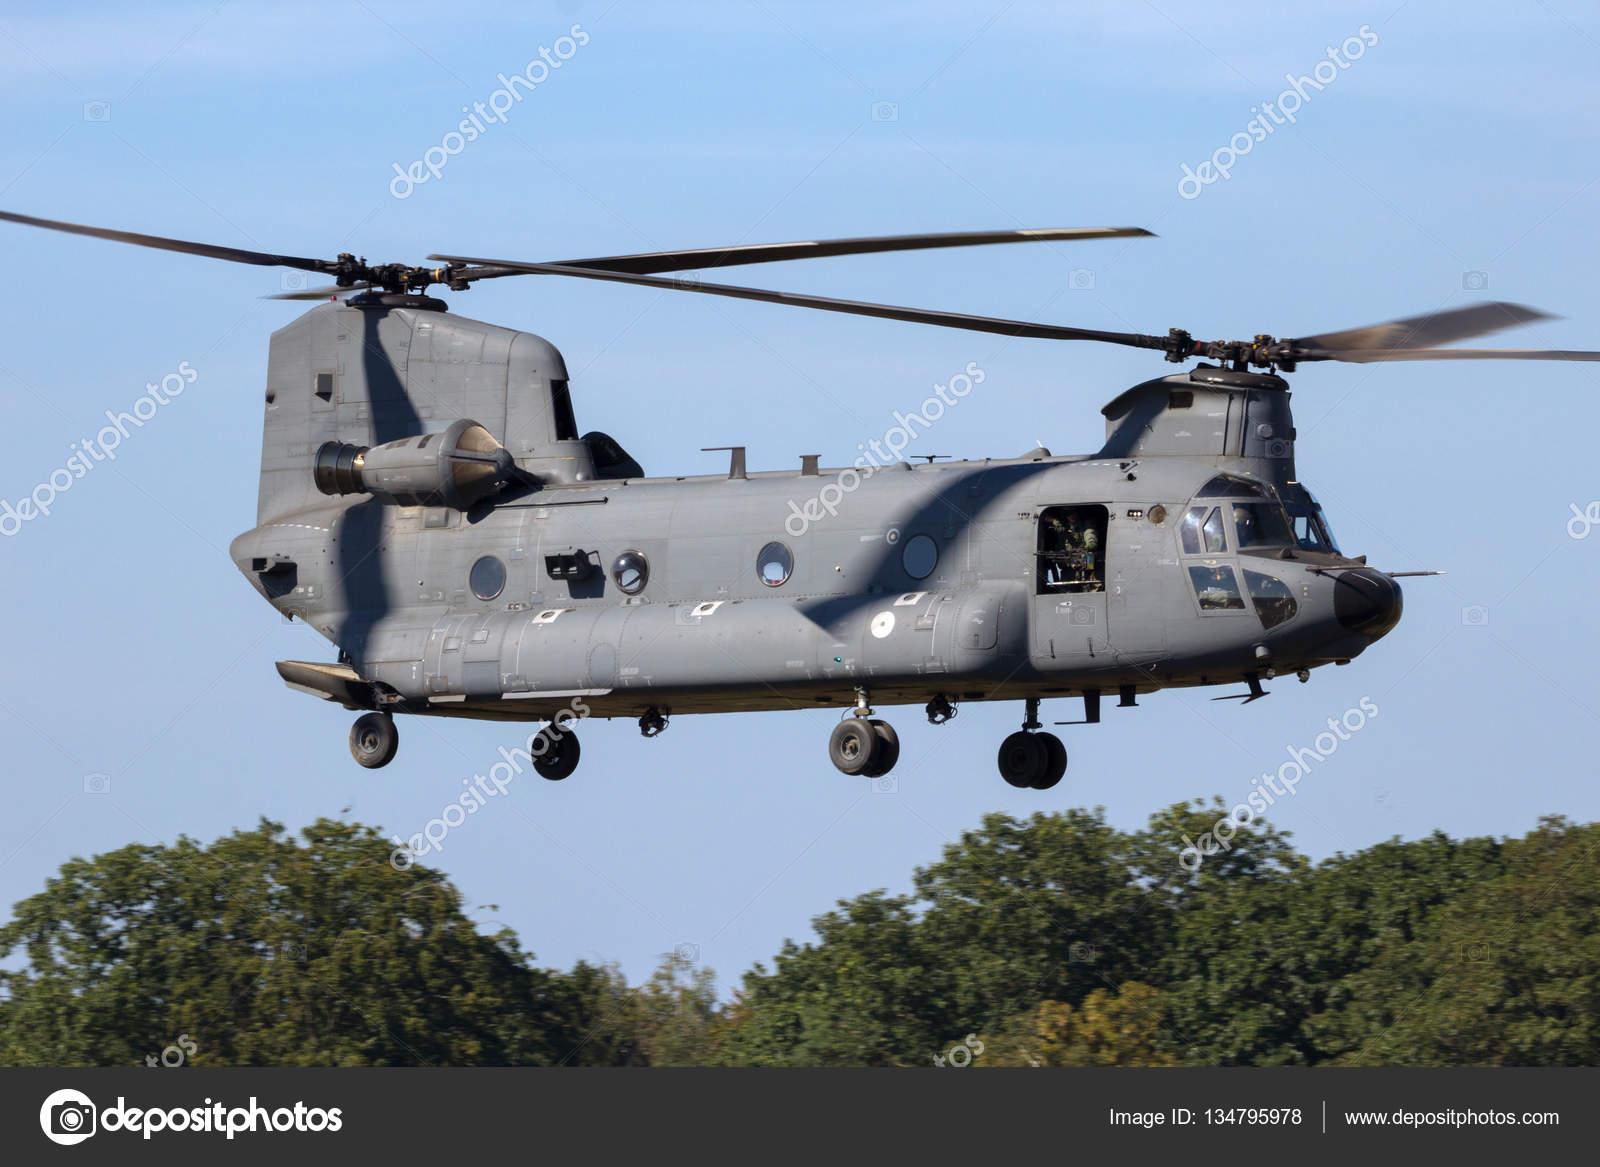 Elicottero Ch : Elicottero da trasporto militare u foto editoriale stock foto